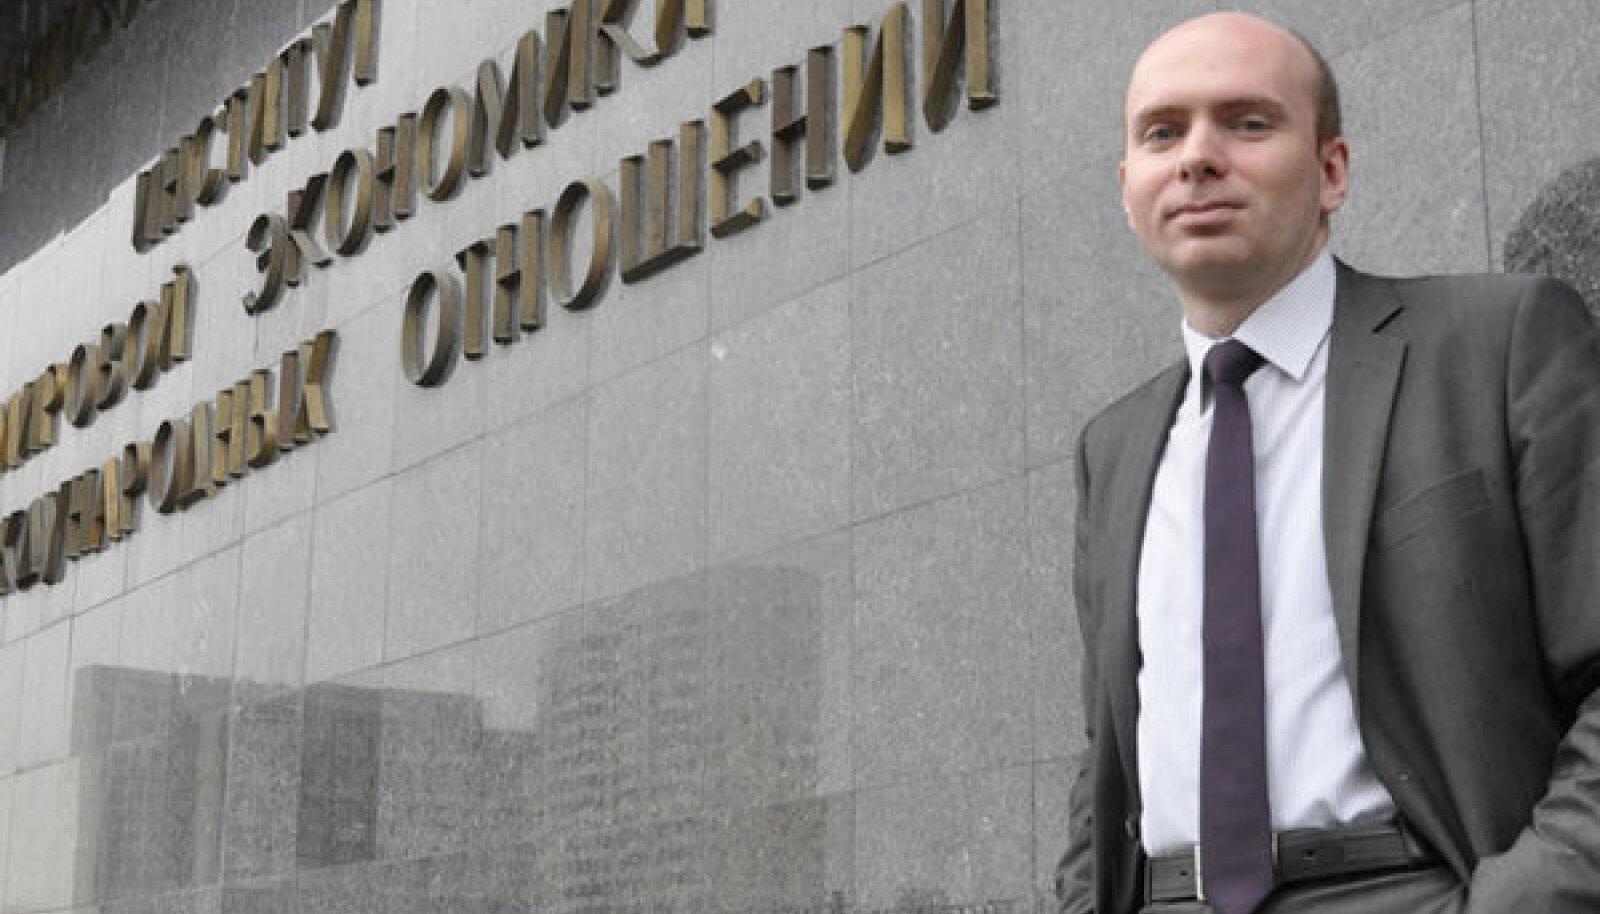 Sergei Utkin IMEMO instituudi ees Moskvas. Eksperdina usub ta, et peagi sõlmitavast Eesti–Vene piirilepingust on mõlemale riigile võrdselt kasu.